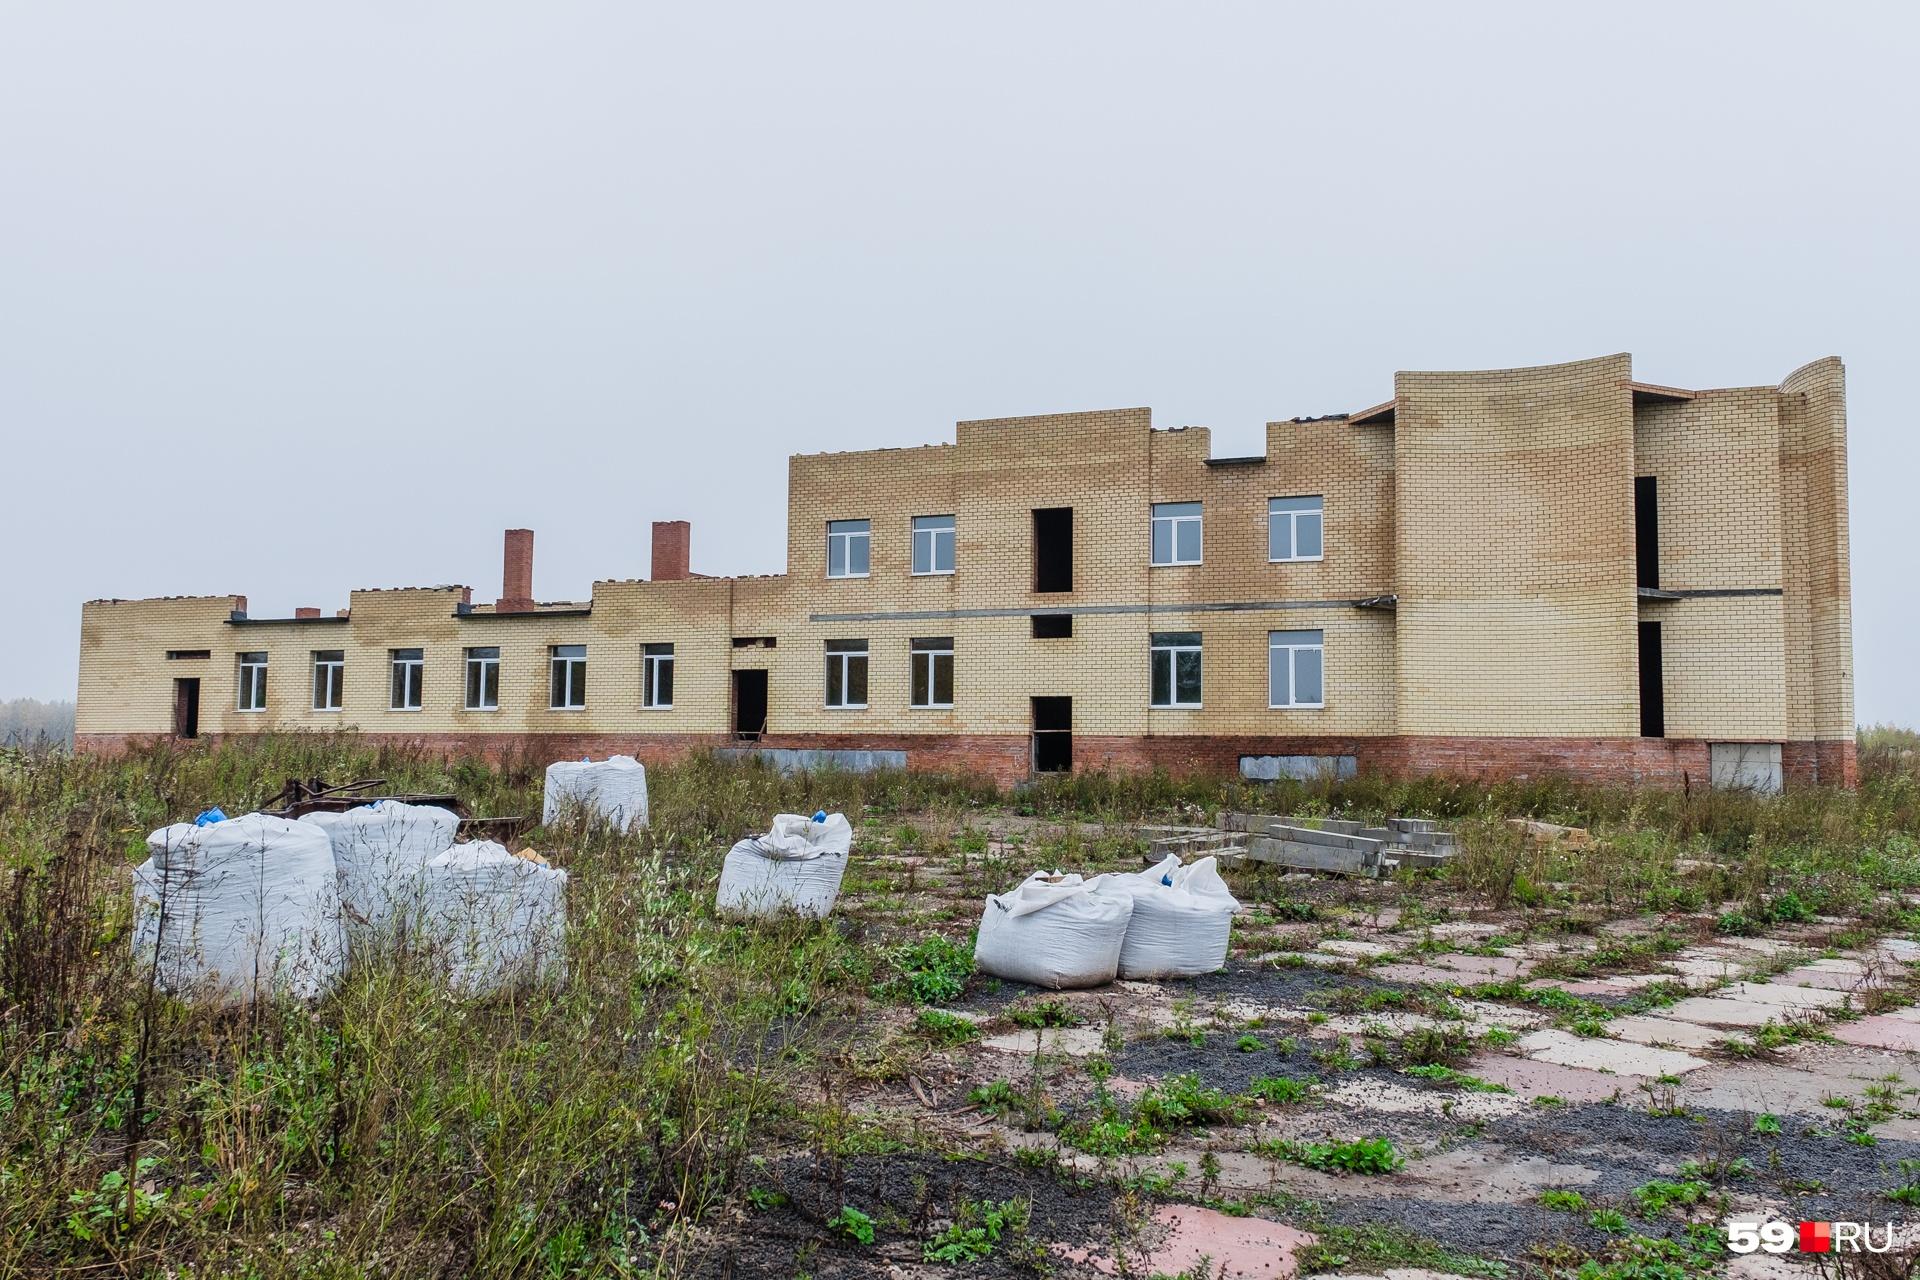 Крематорий начали строить в 2013 году. Сейчас он выглядит вот так